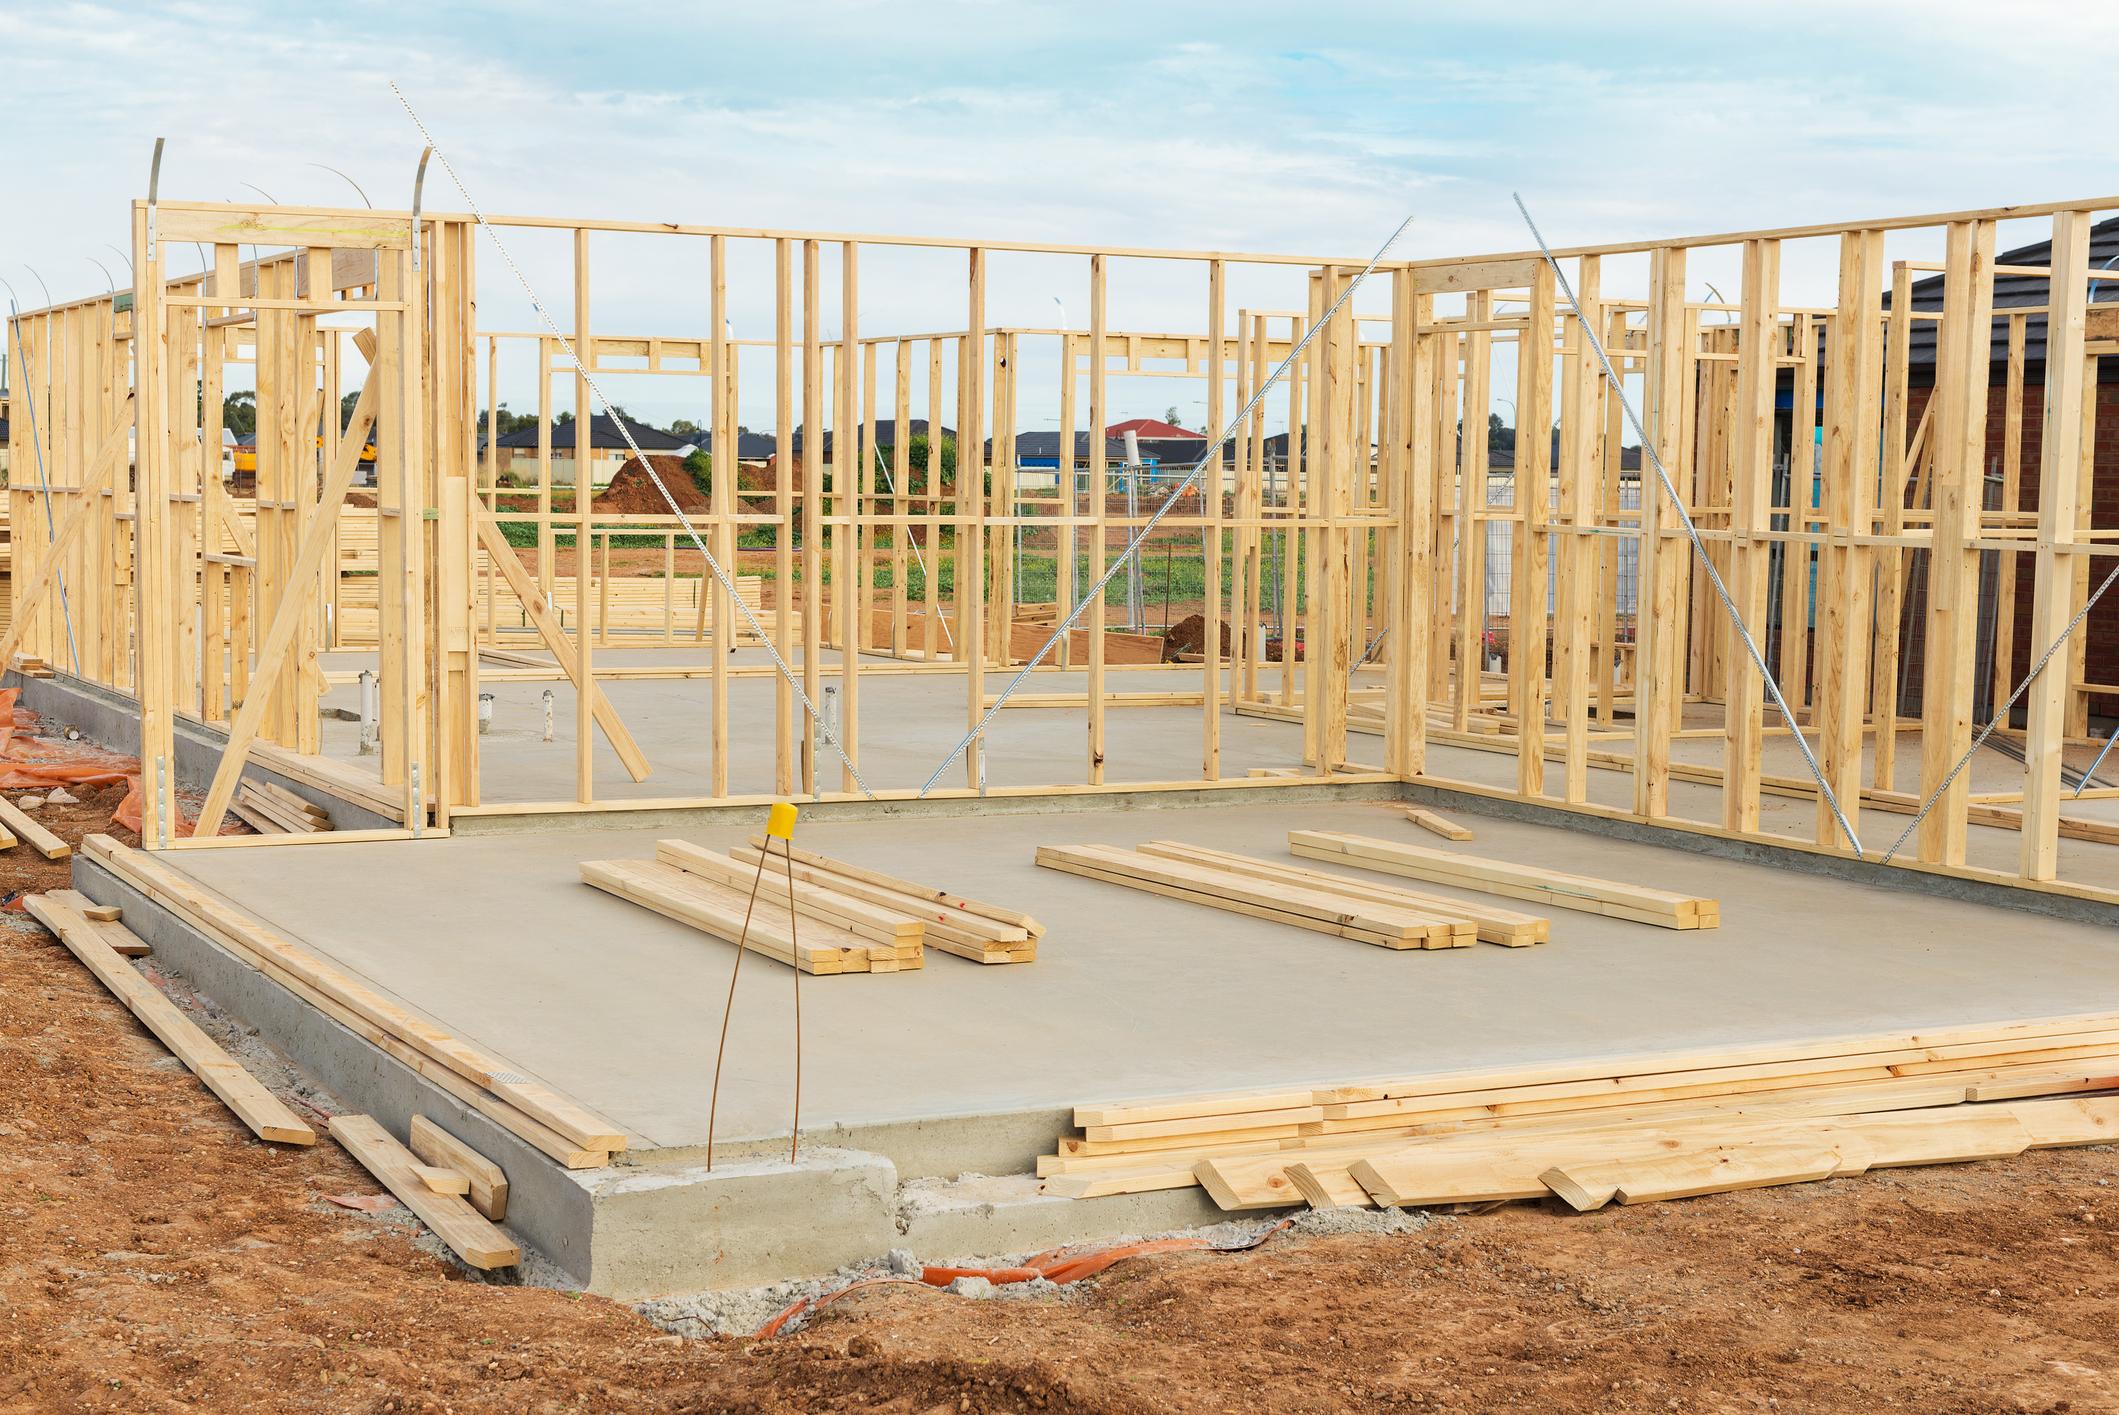 Home frame atop concrete foundation